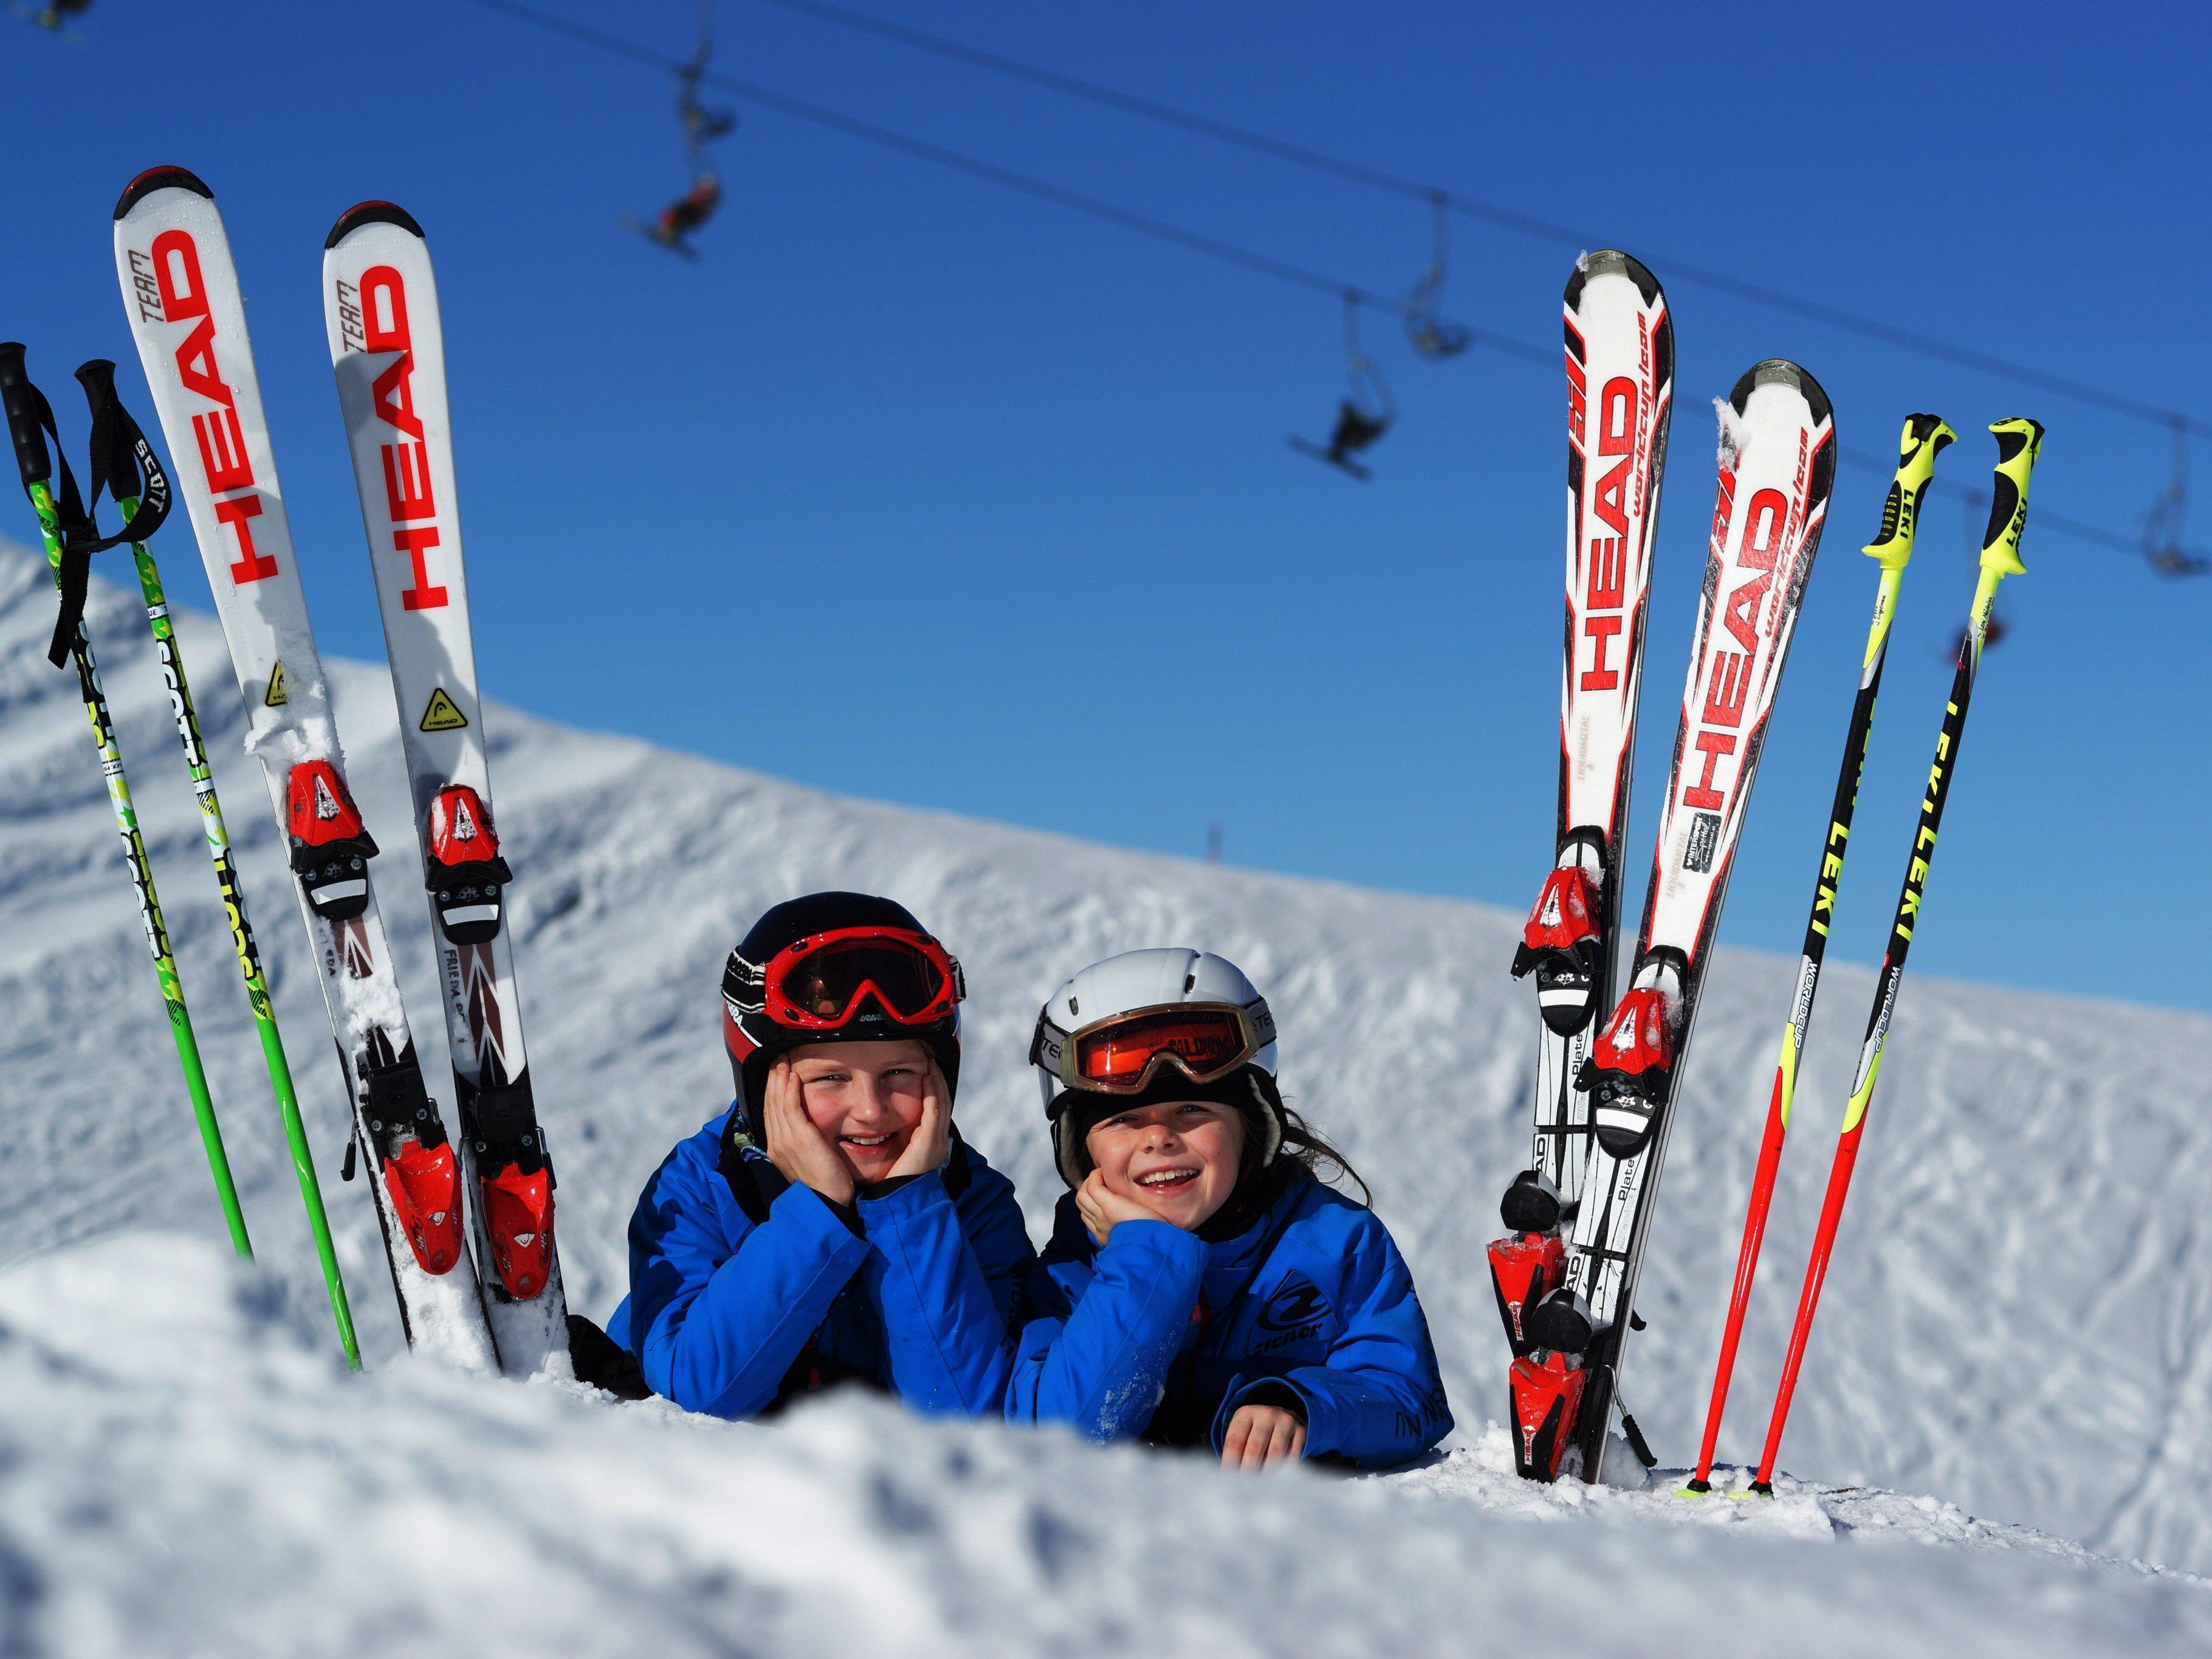 Skifahren wird wieder teurer - jedoch in bescheidenem Rahmen.